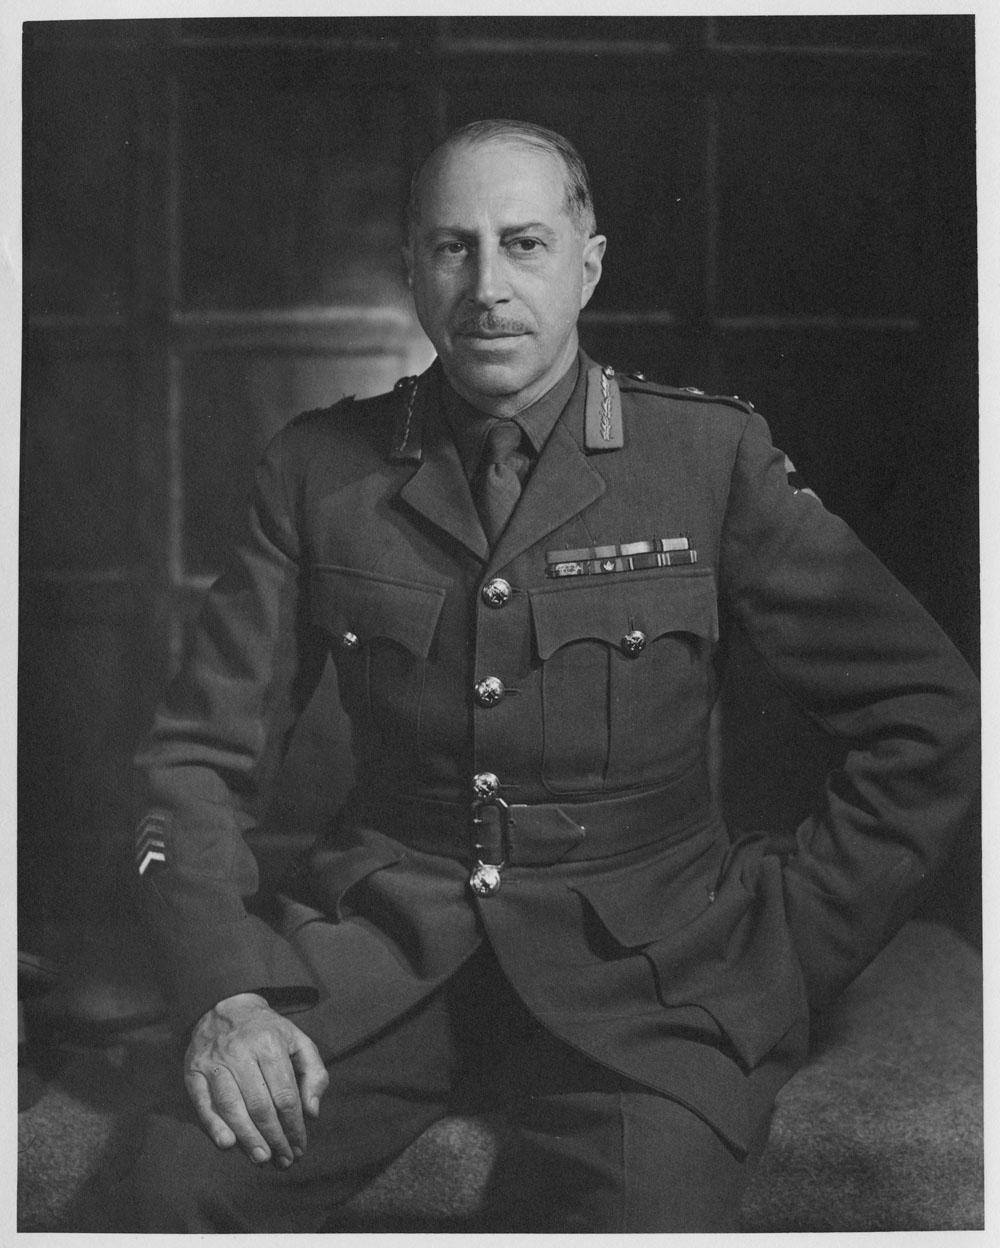 Henry Duncan Graham Crerar